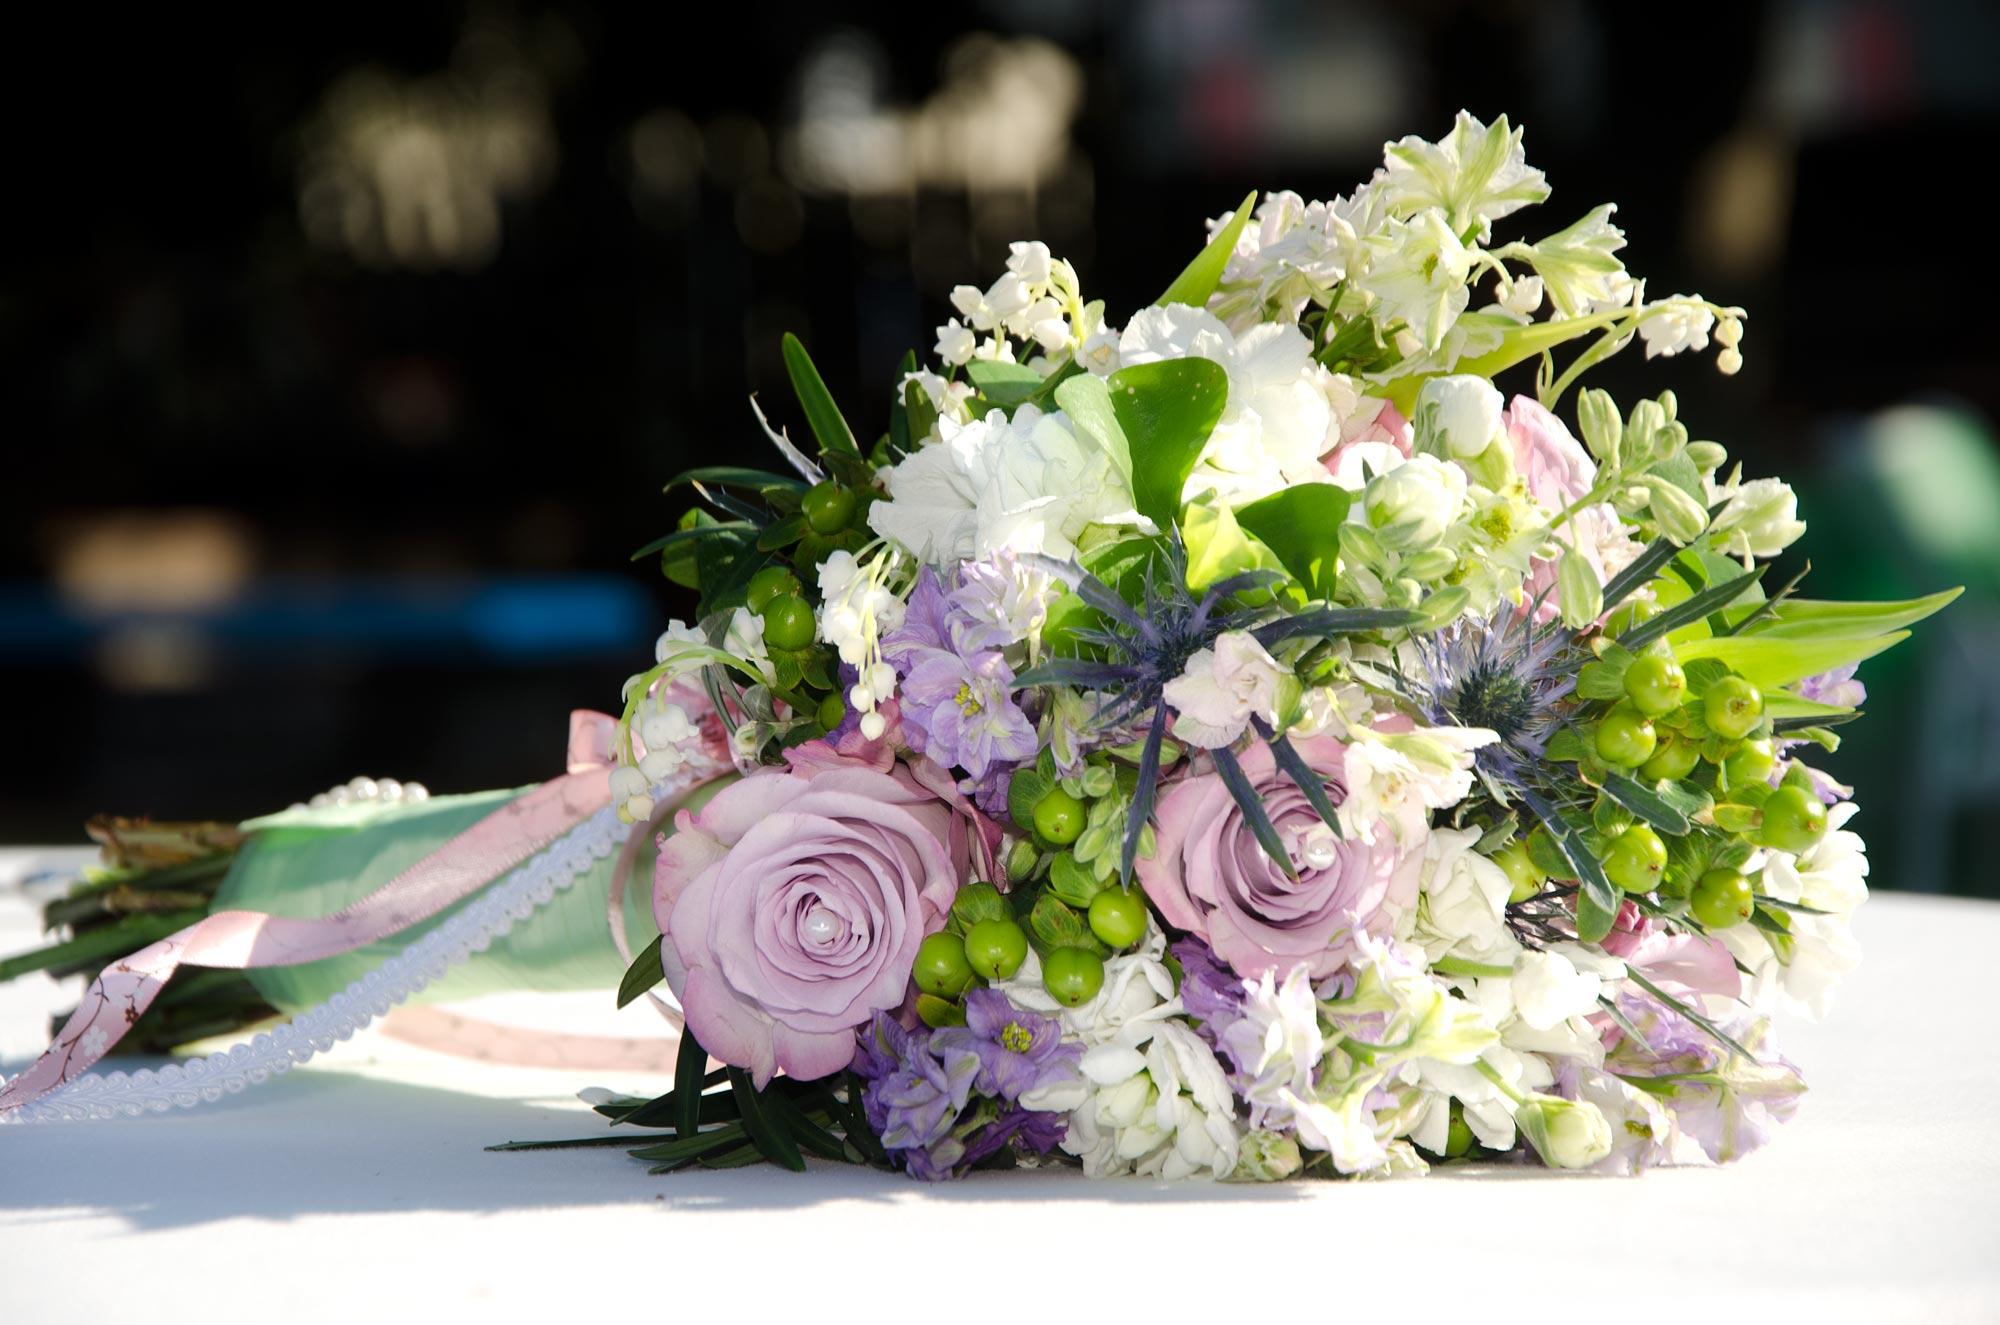 Überraschungen zur Hochzeit - kreative Ideen für Trauzeugen